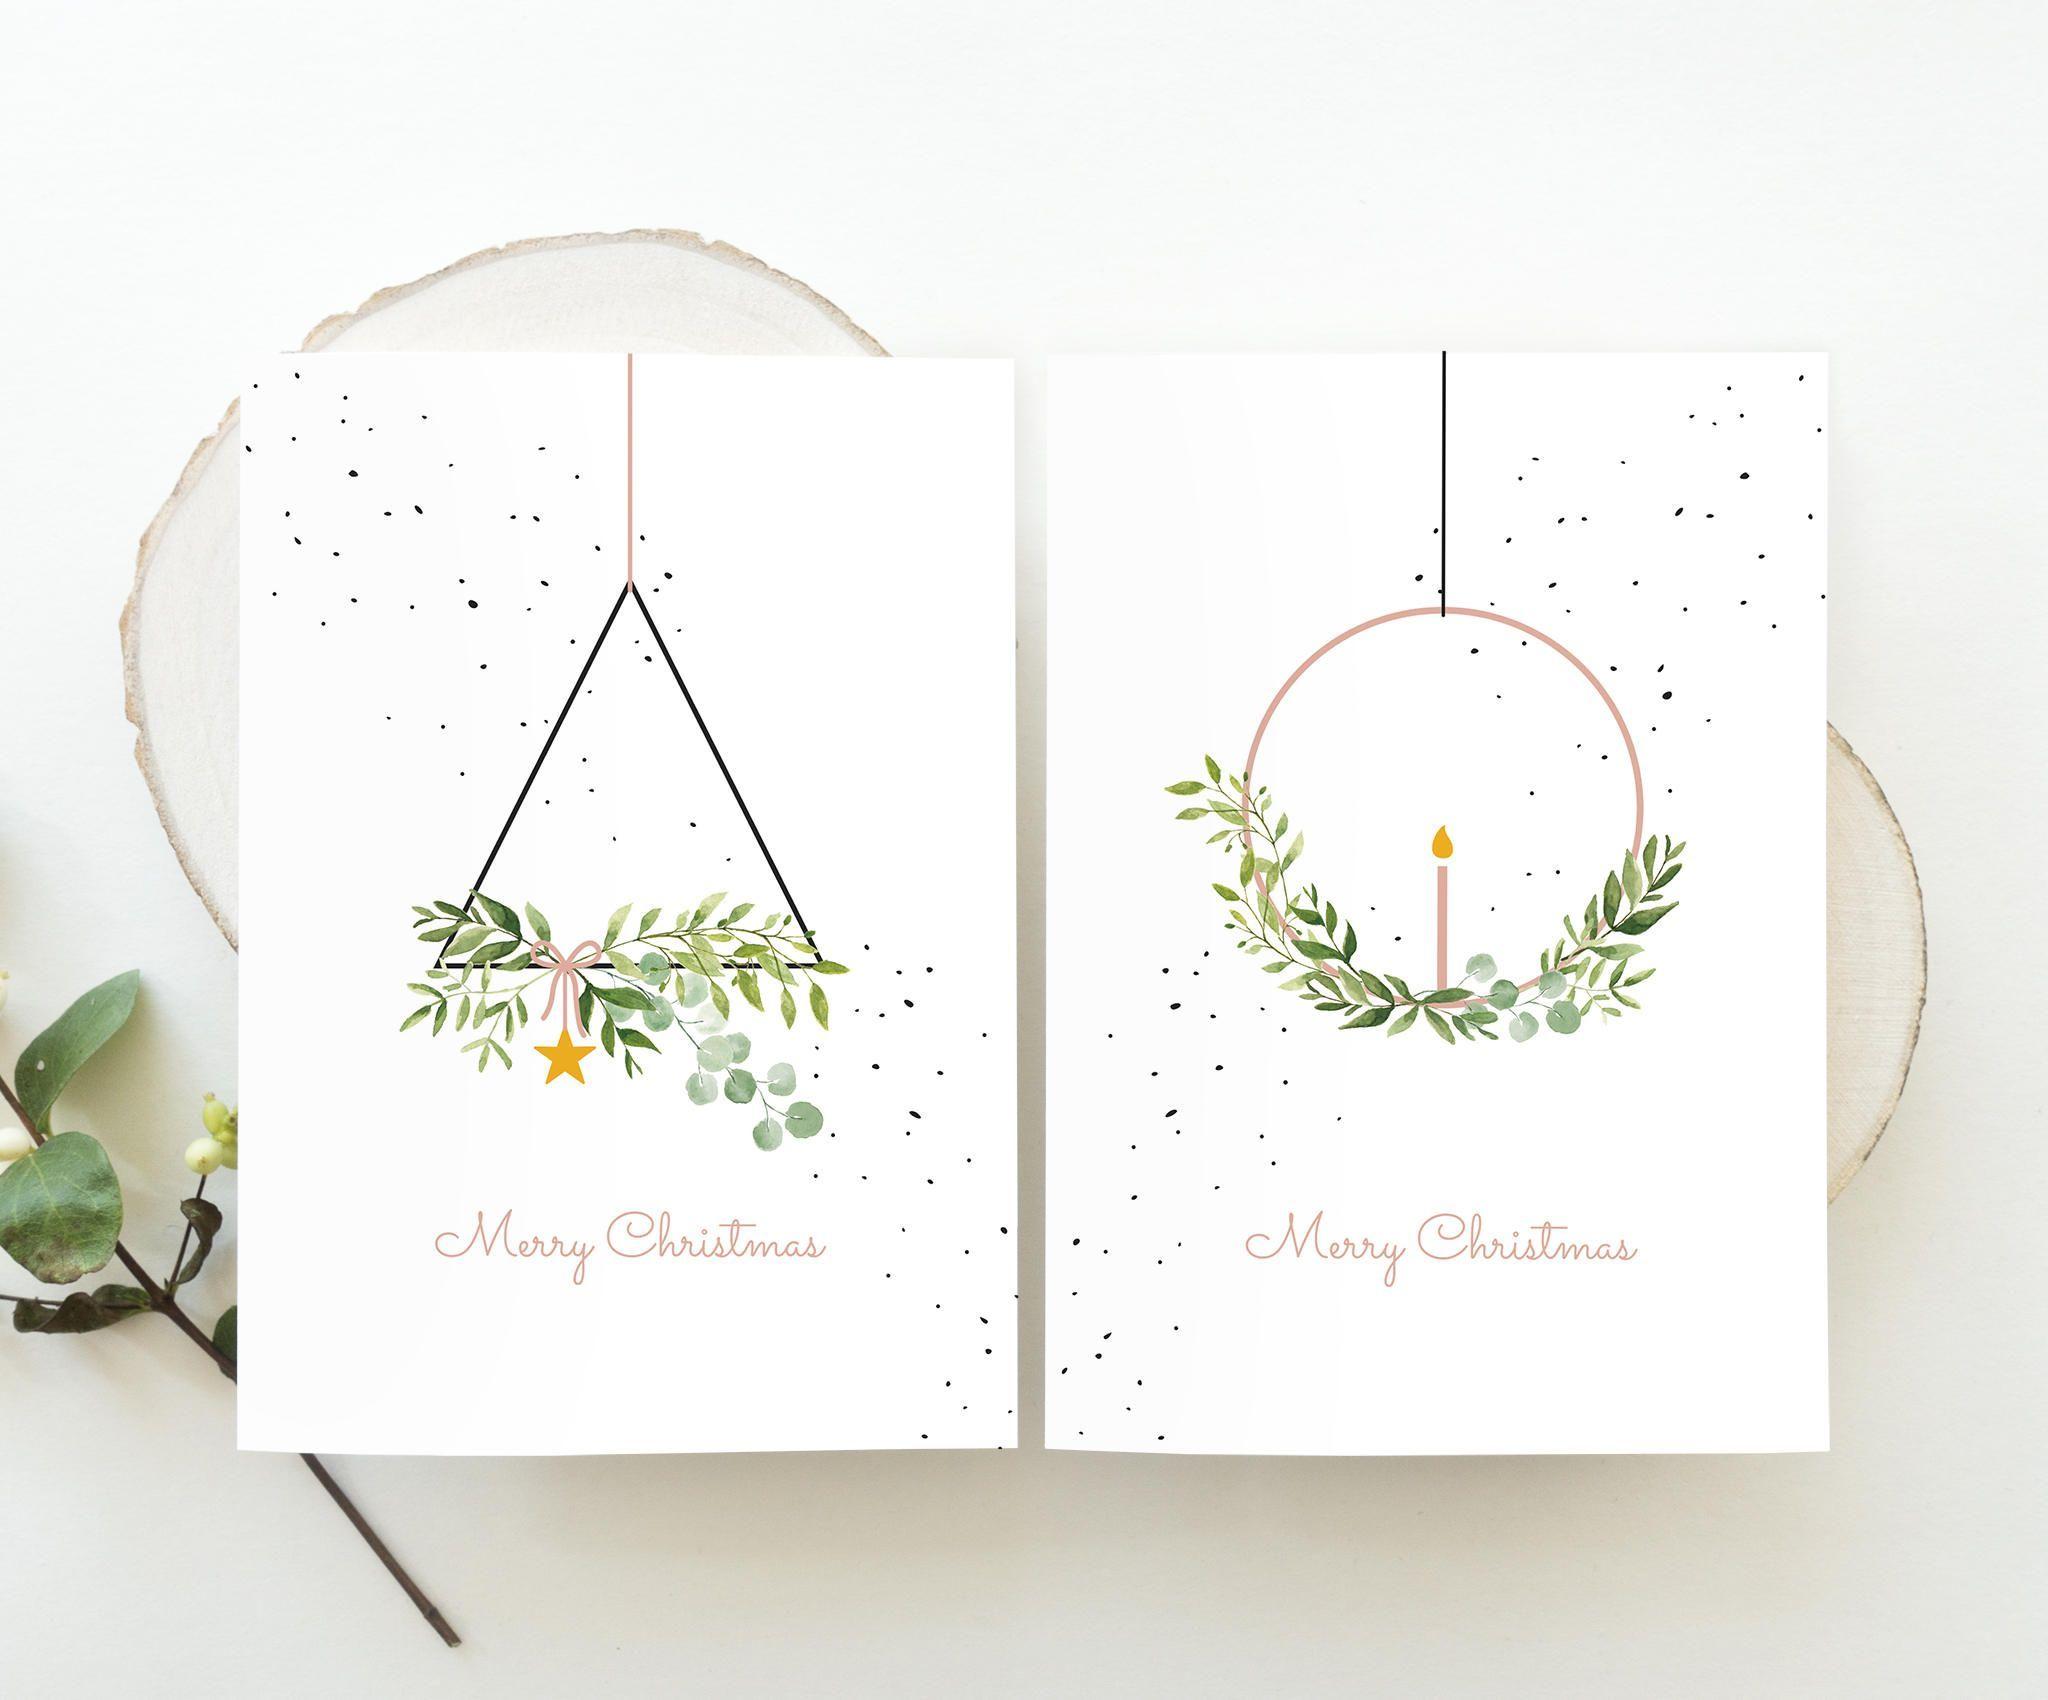 Cartes de Noel ensemble Wreaths Merry Christmas, illustrations à l